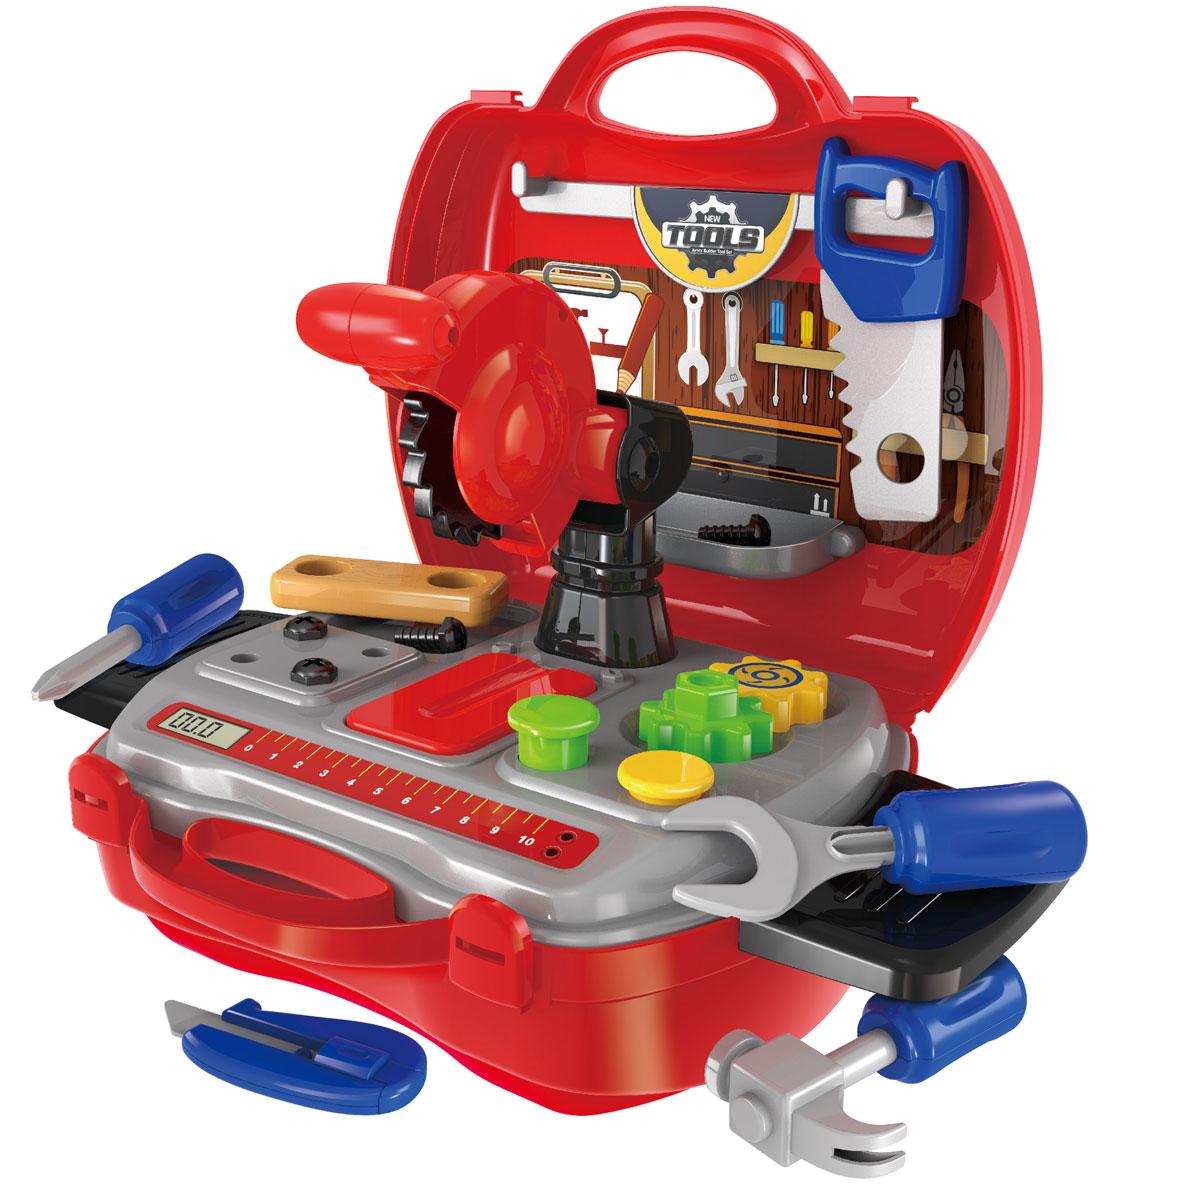 JRX Набор игрушечных инструментов Юный мастер - Сюжетно-ролевые игрушки